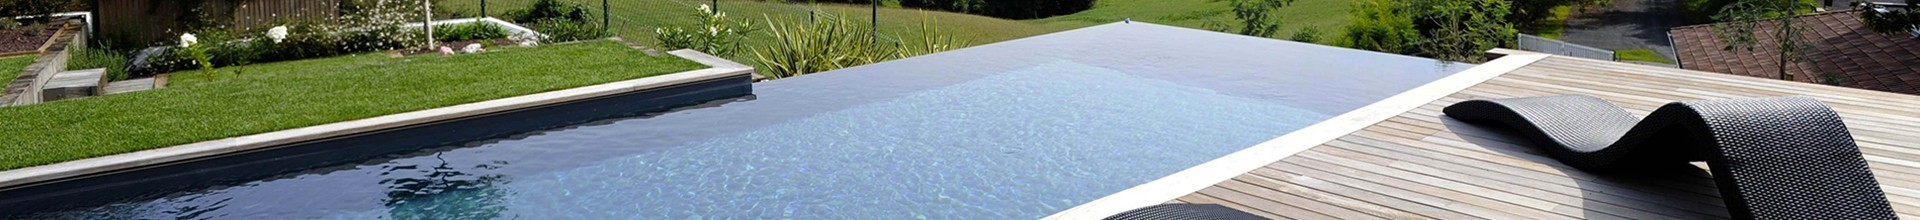 Direct usine, piscine coque prix Pays : Espagne